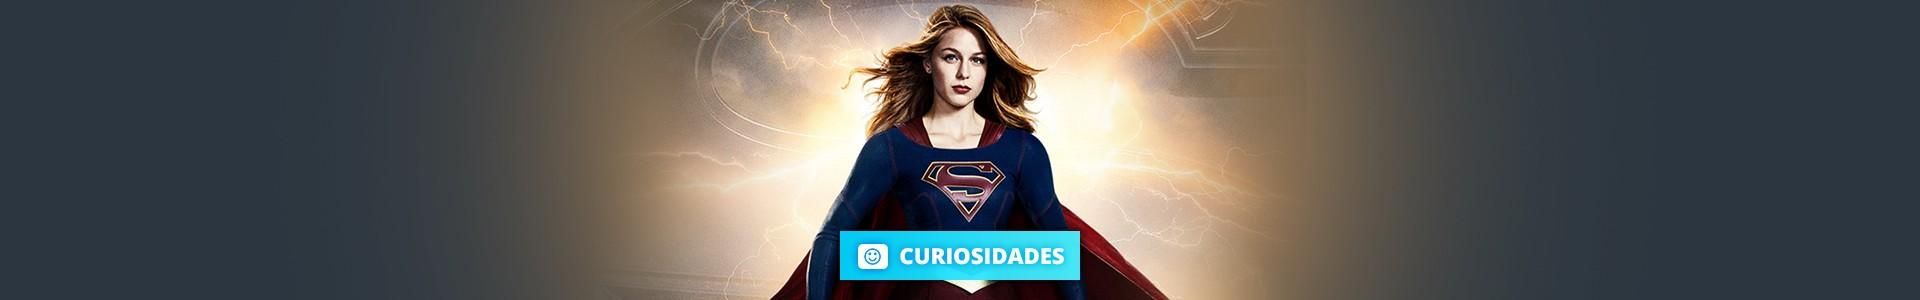 17 Curiosidades imperdíveis sobre a série Supergirl